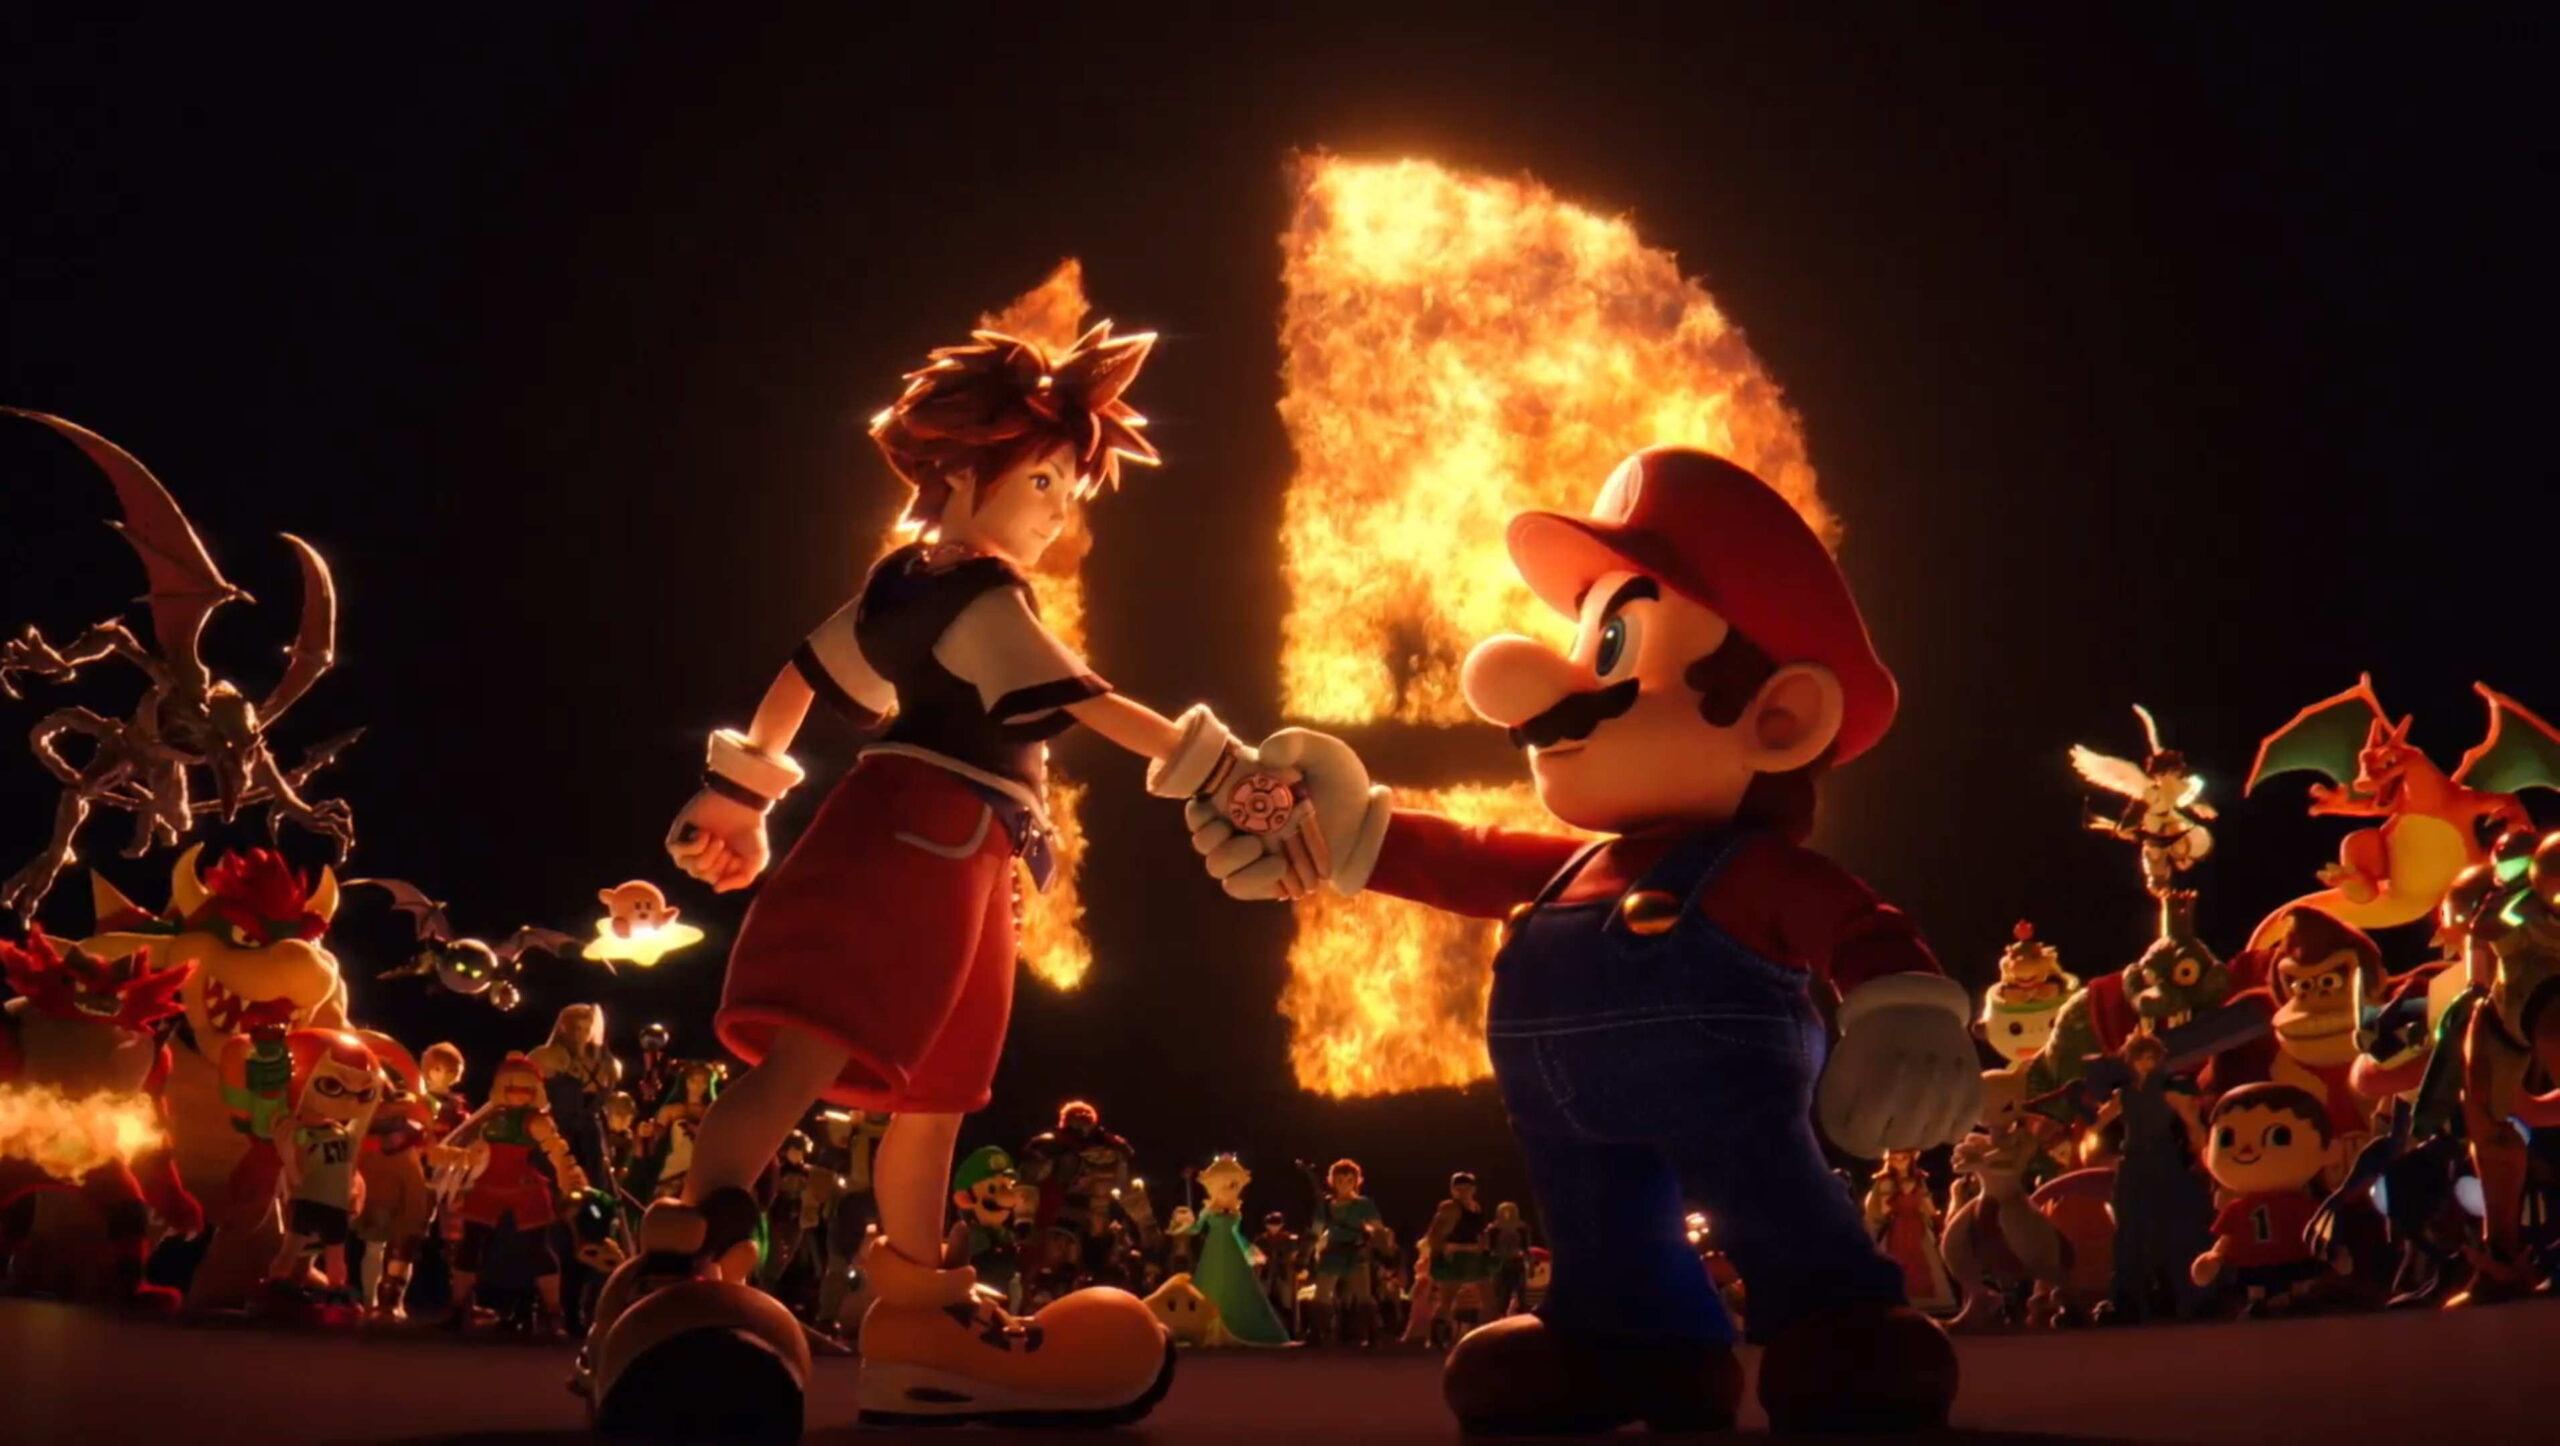 Super Smash Bros. Ultimate Mario Sora